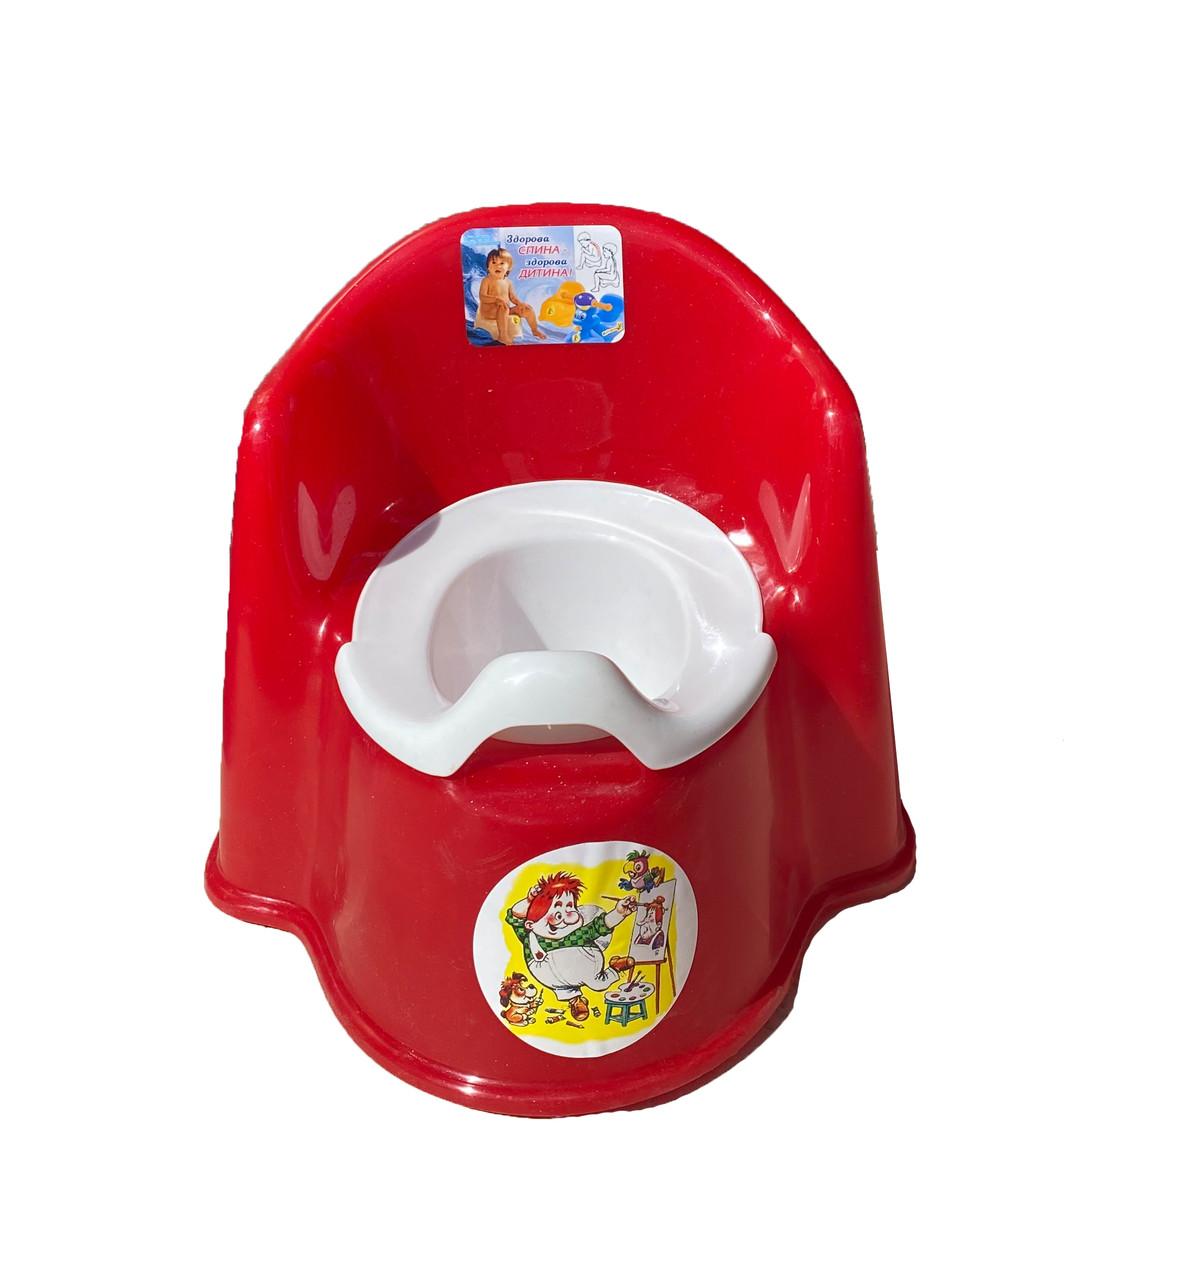 Горшок детский кресло с высокой спинкой, КРАСНЫЙ От